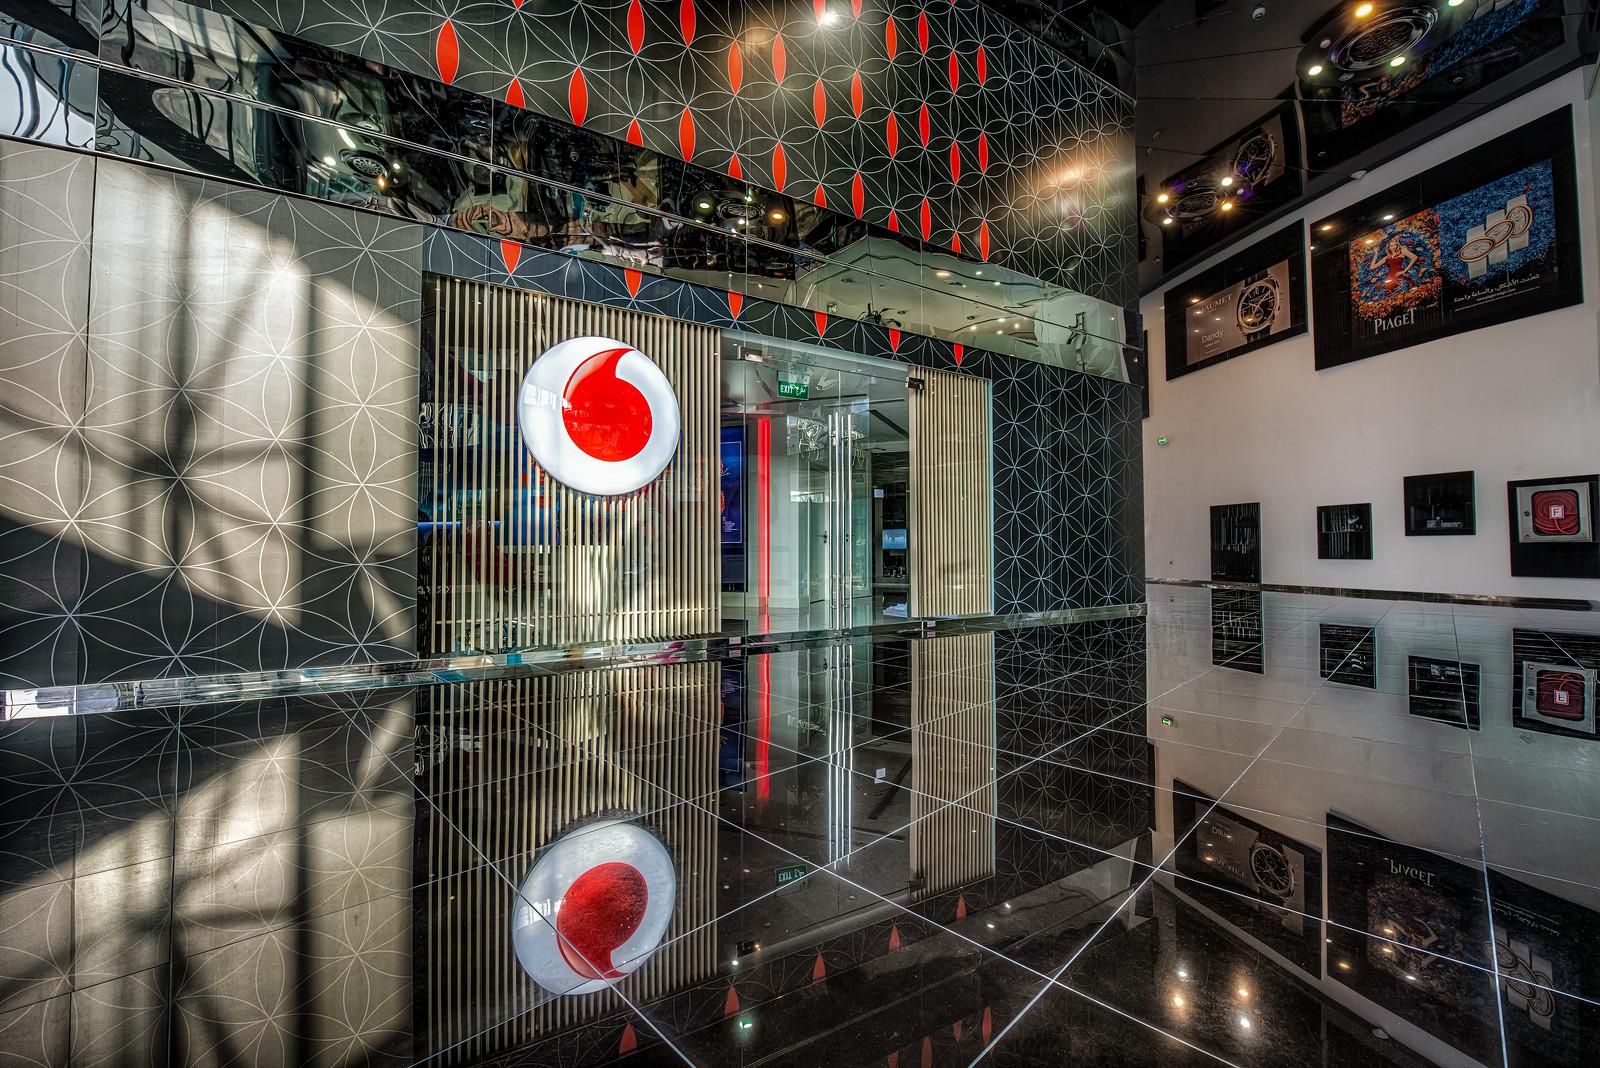 Vodafone Store - 2013